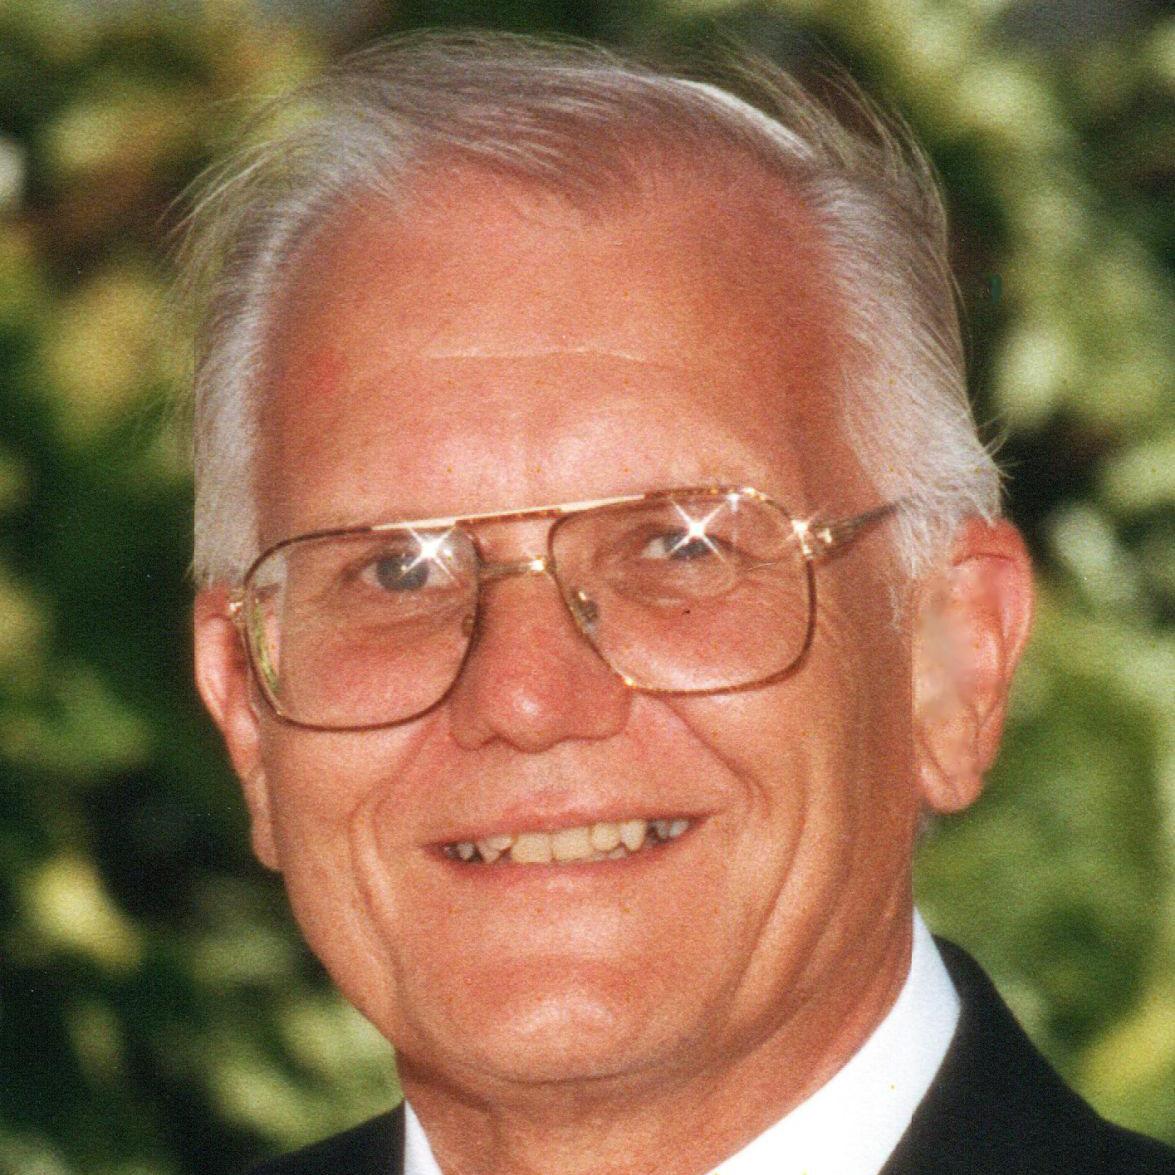 John Amberson